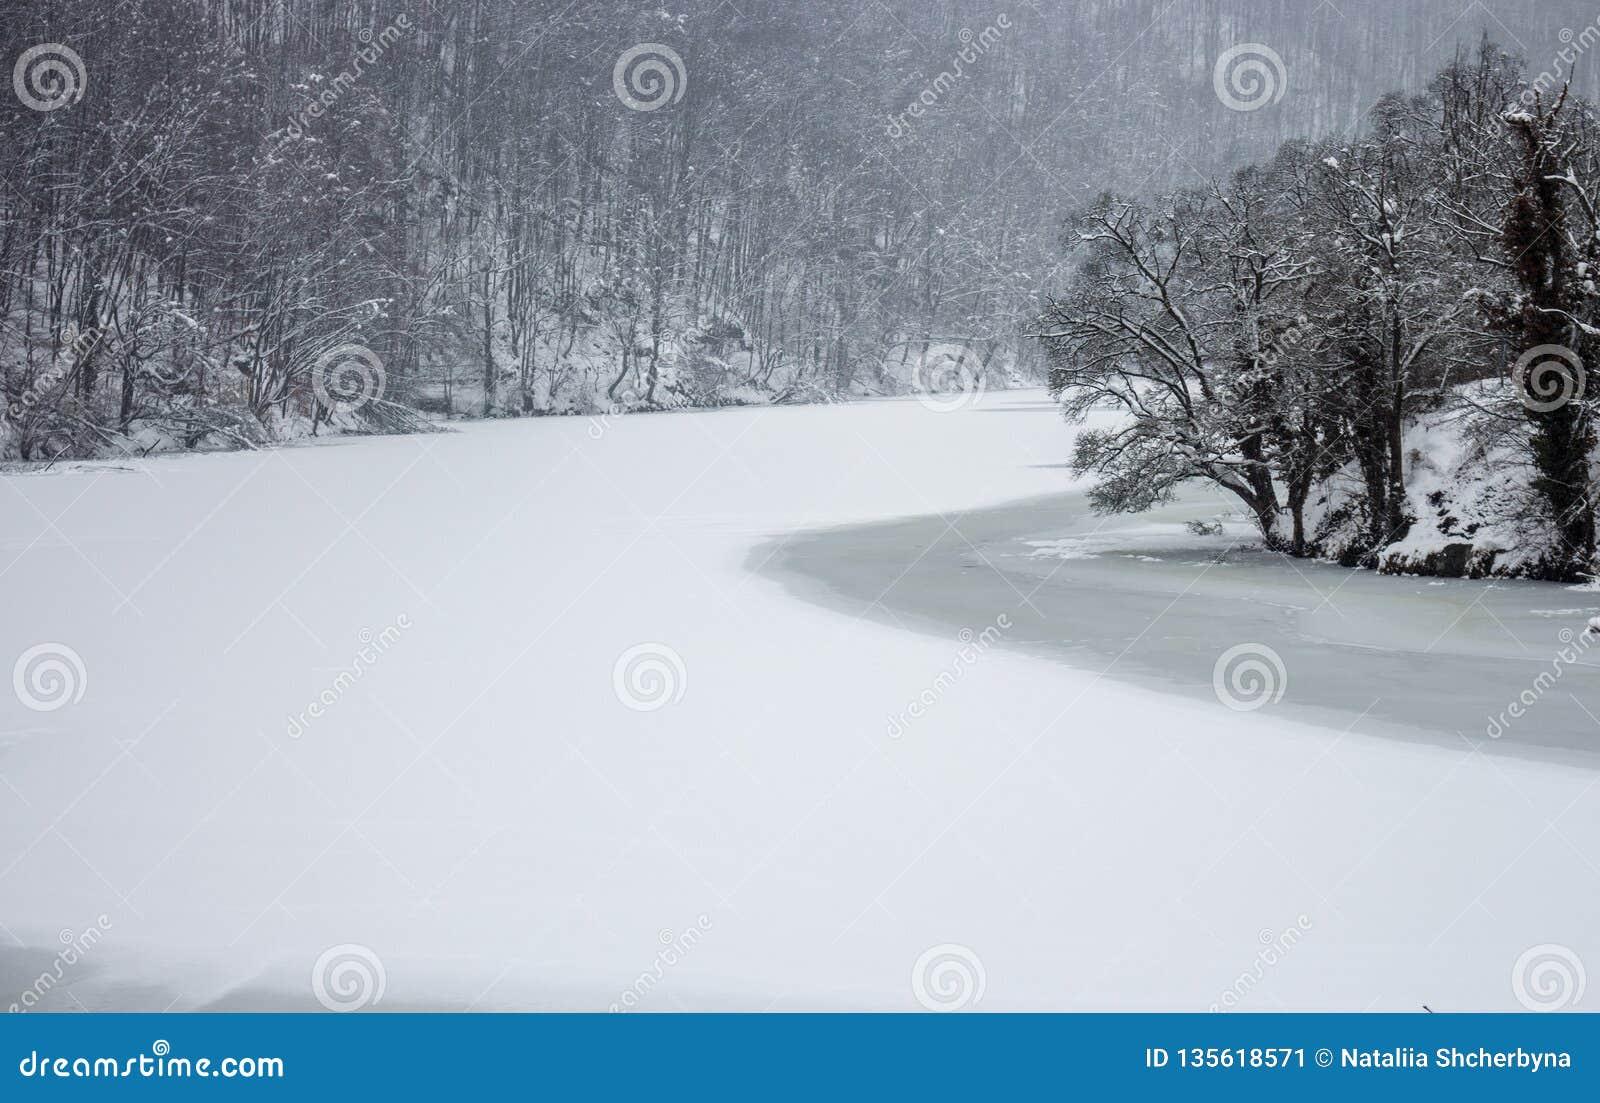 hermosas fotos de invierno naturaleza Lago Congelado Del Invierno Con El Bosque Fro En Lillafured